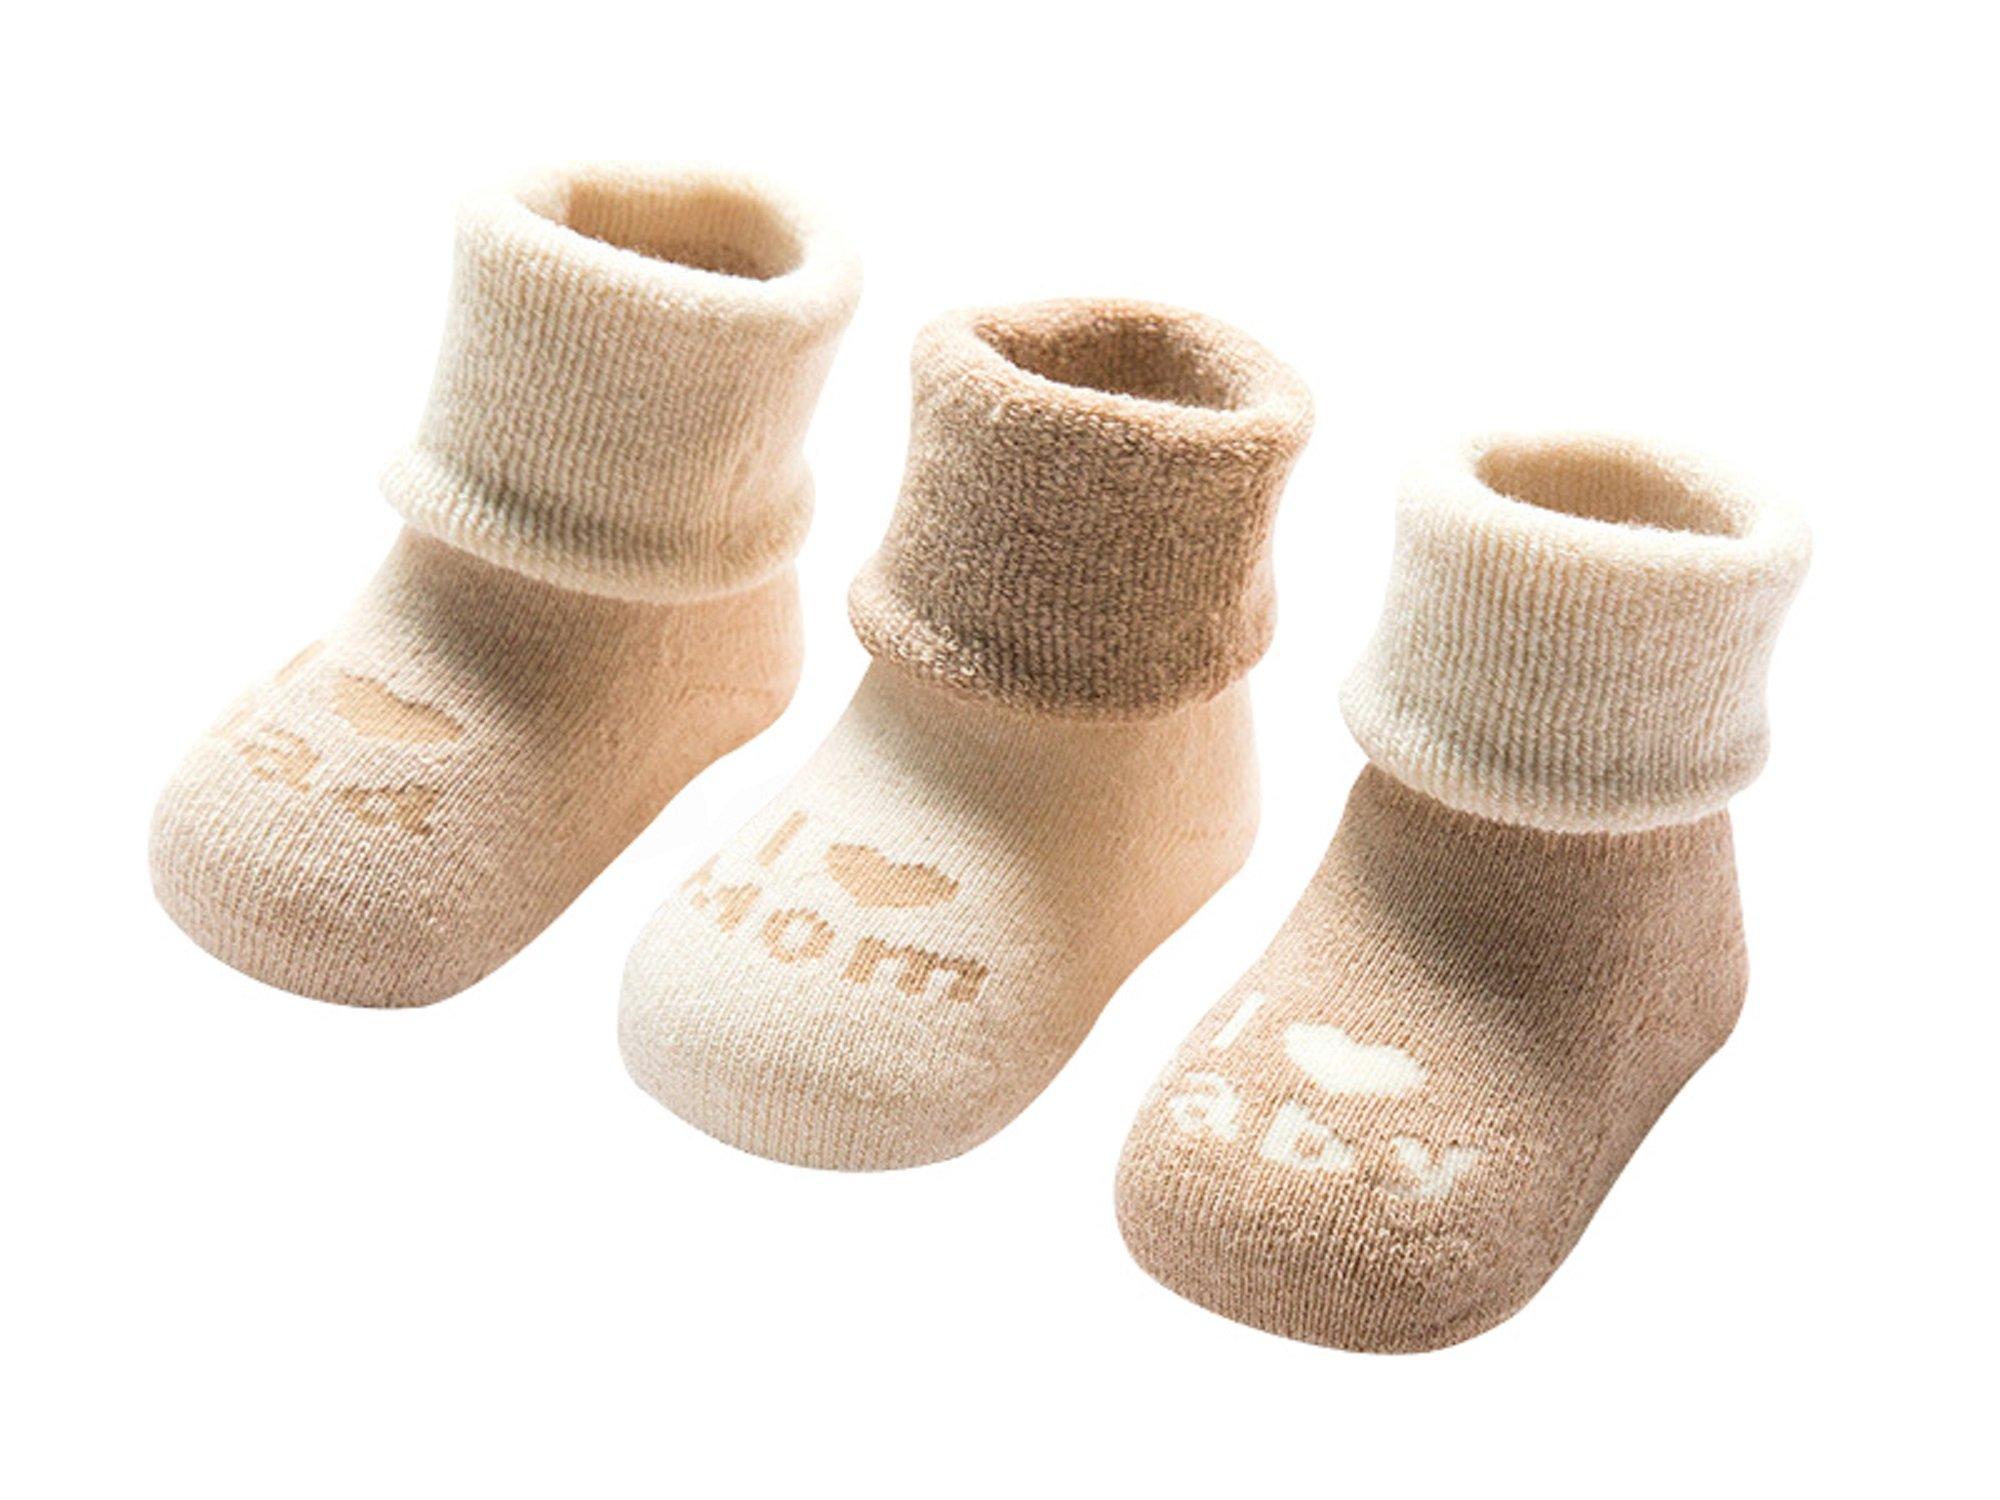 DEBAIJIA 3 Pares de Calcetines Bebé Algodón organico Grueso Calcetines Térmicos Largo Recién Nacidos 0-36 Meses Invierno… 1